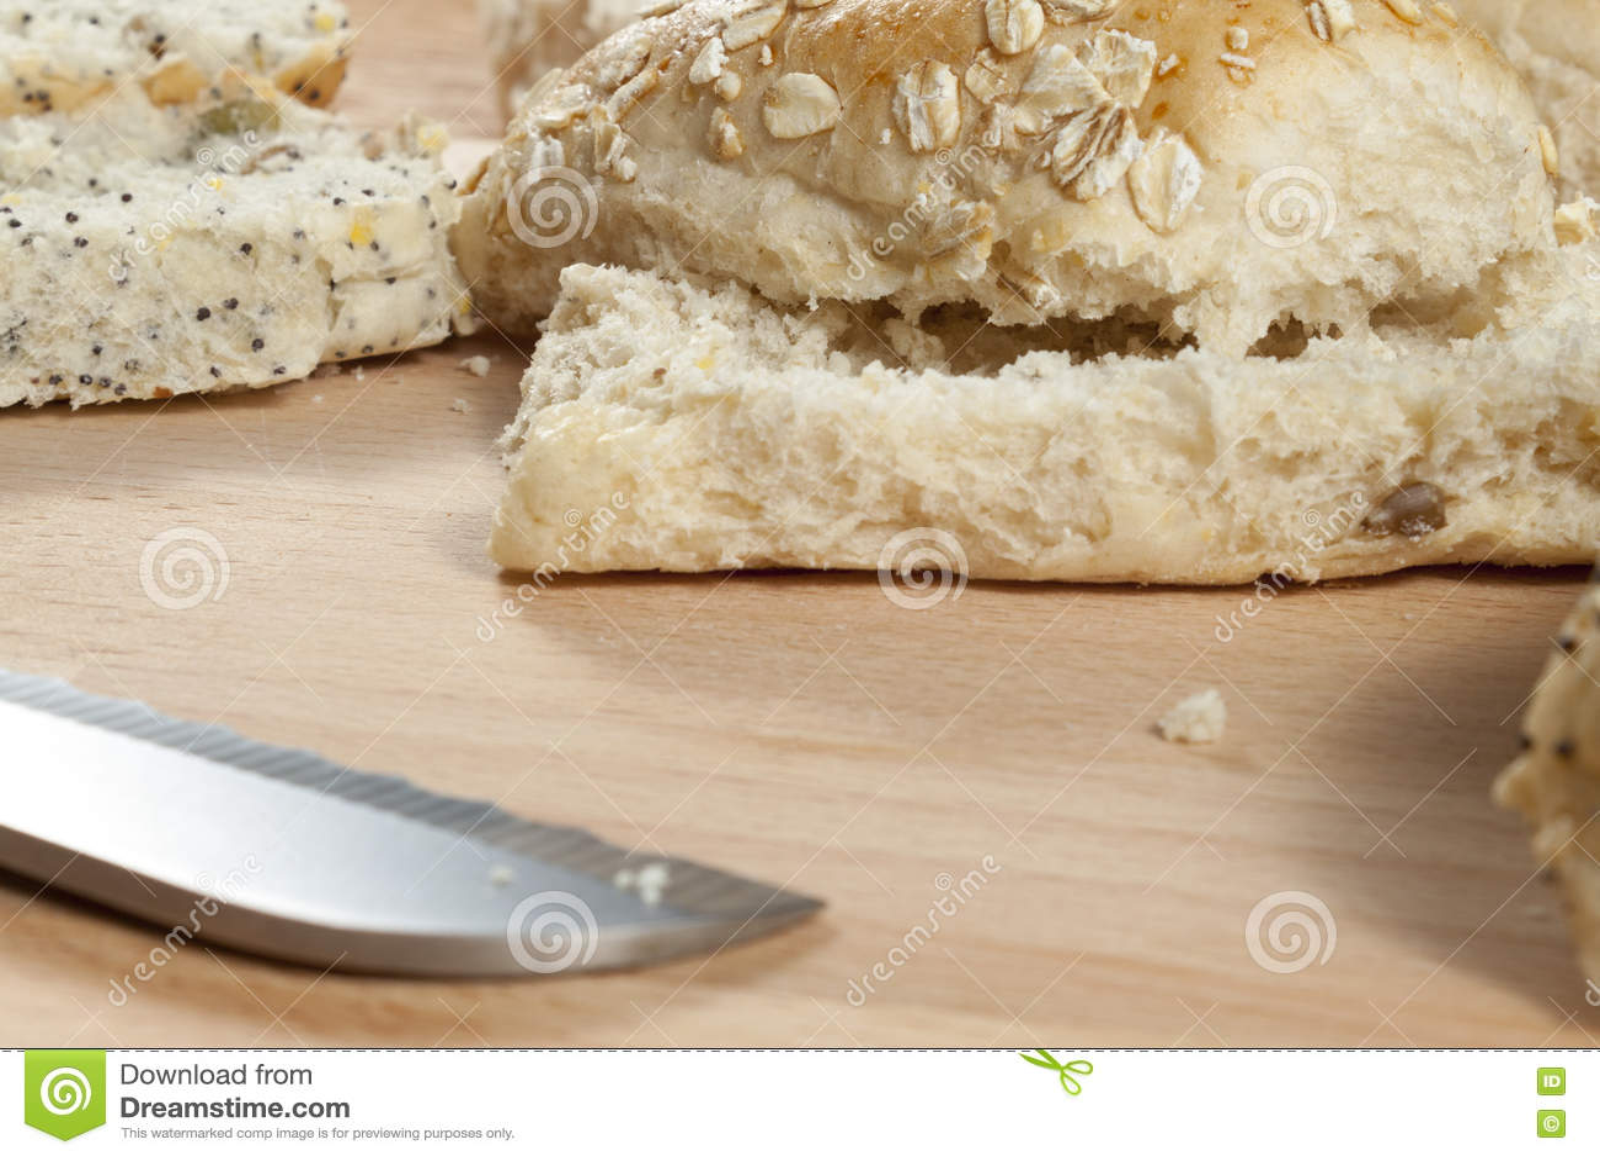 燕麦剥落放置在wodden面包板的小圆面包